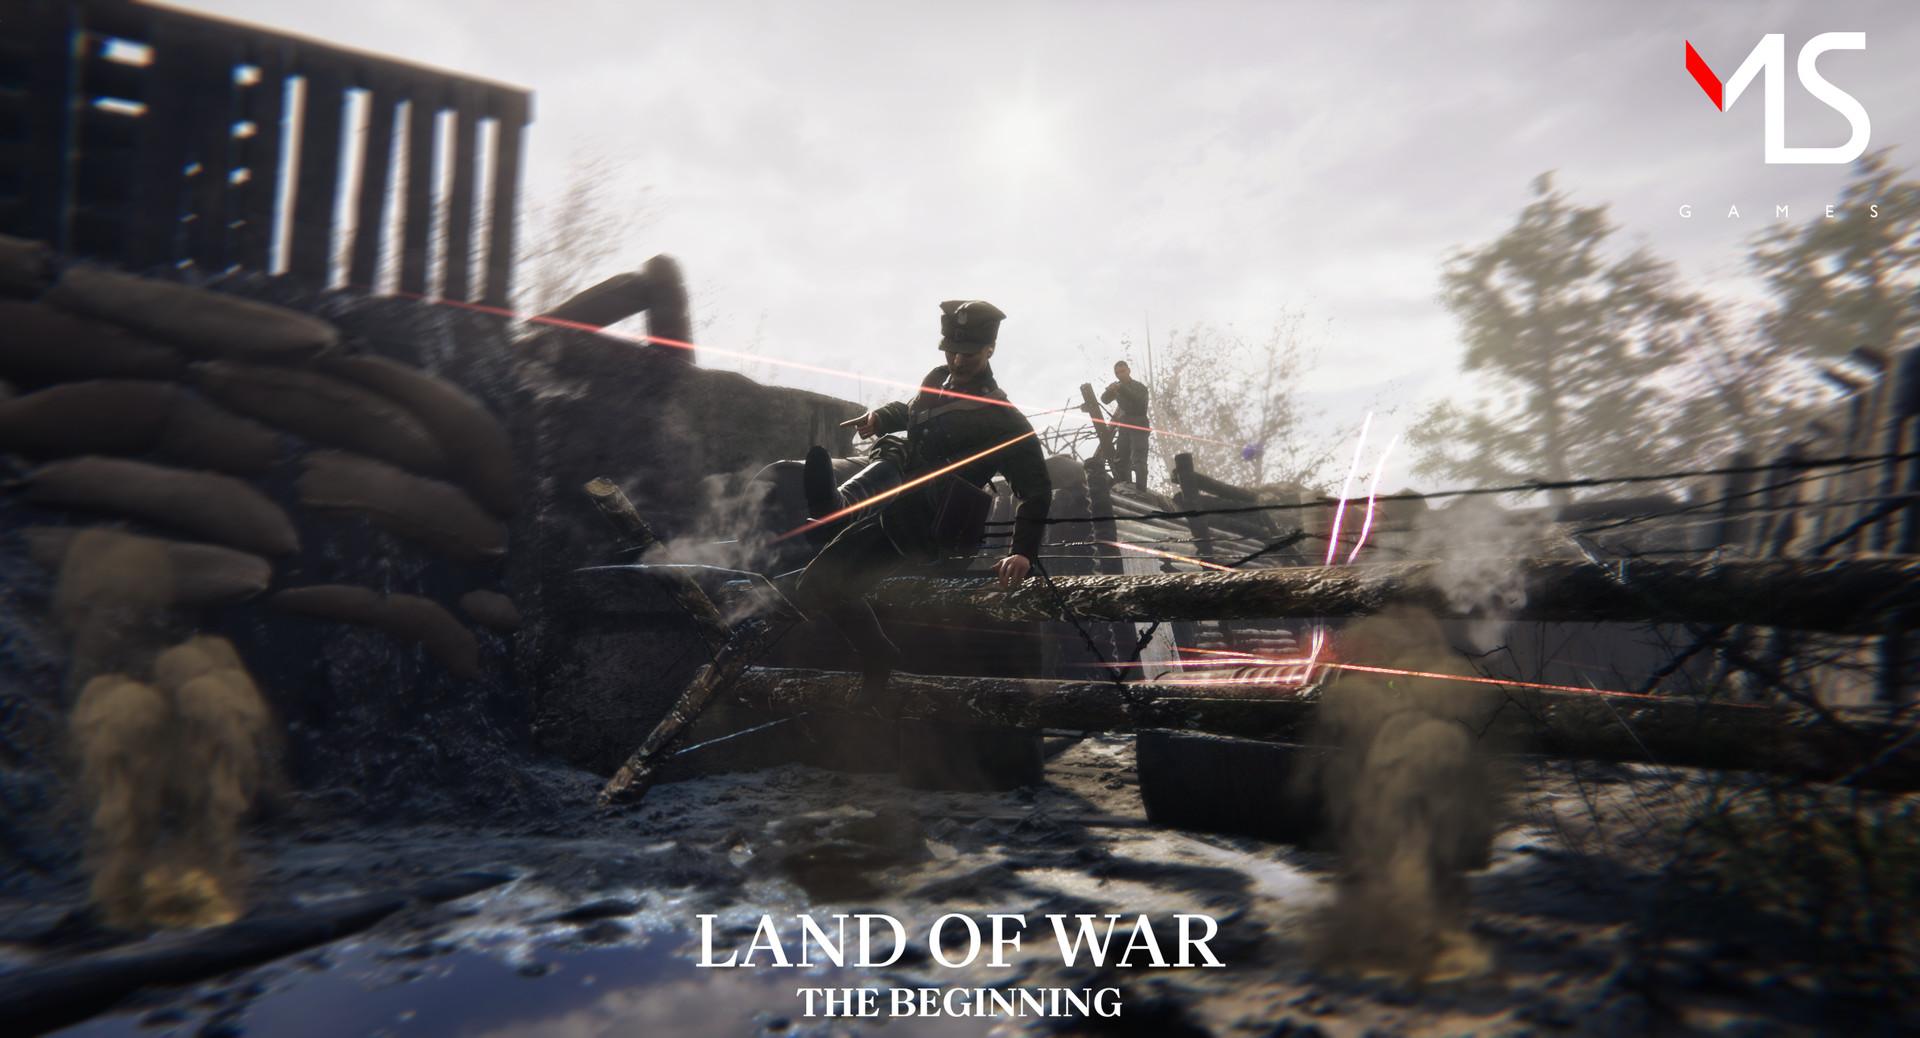 战地:序幕图片